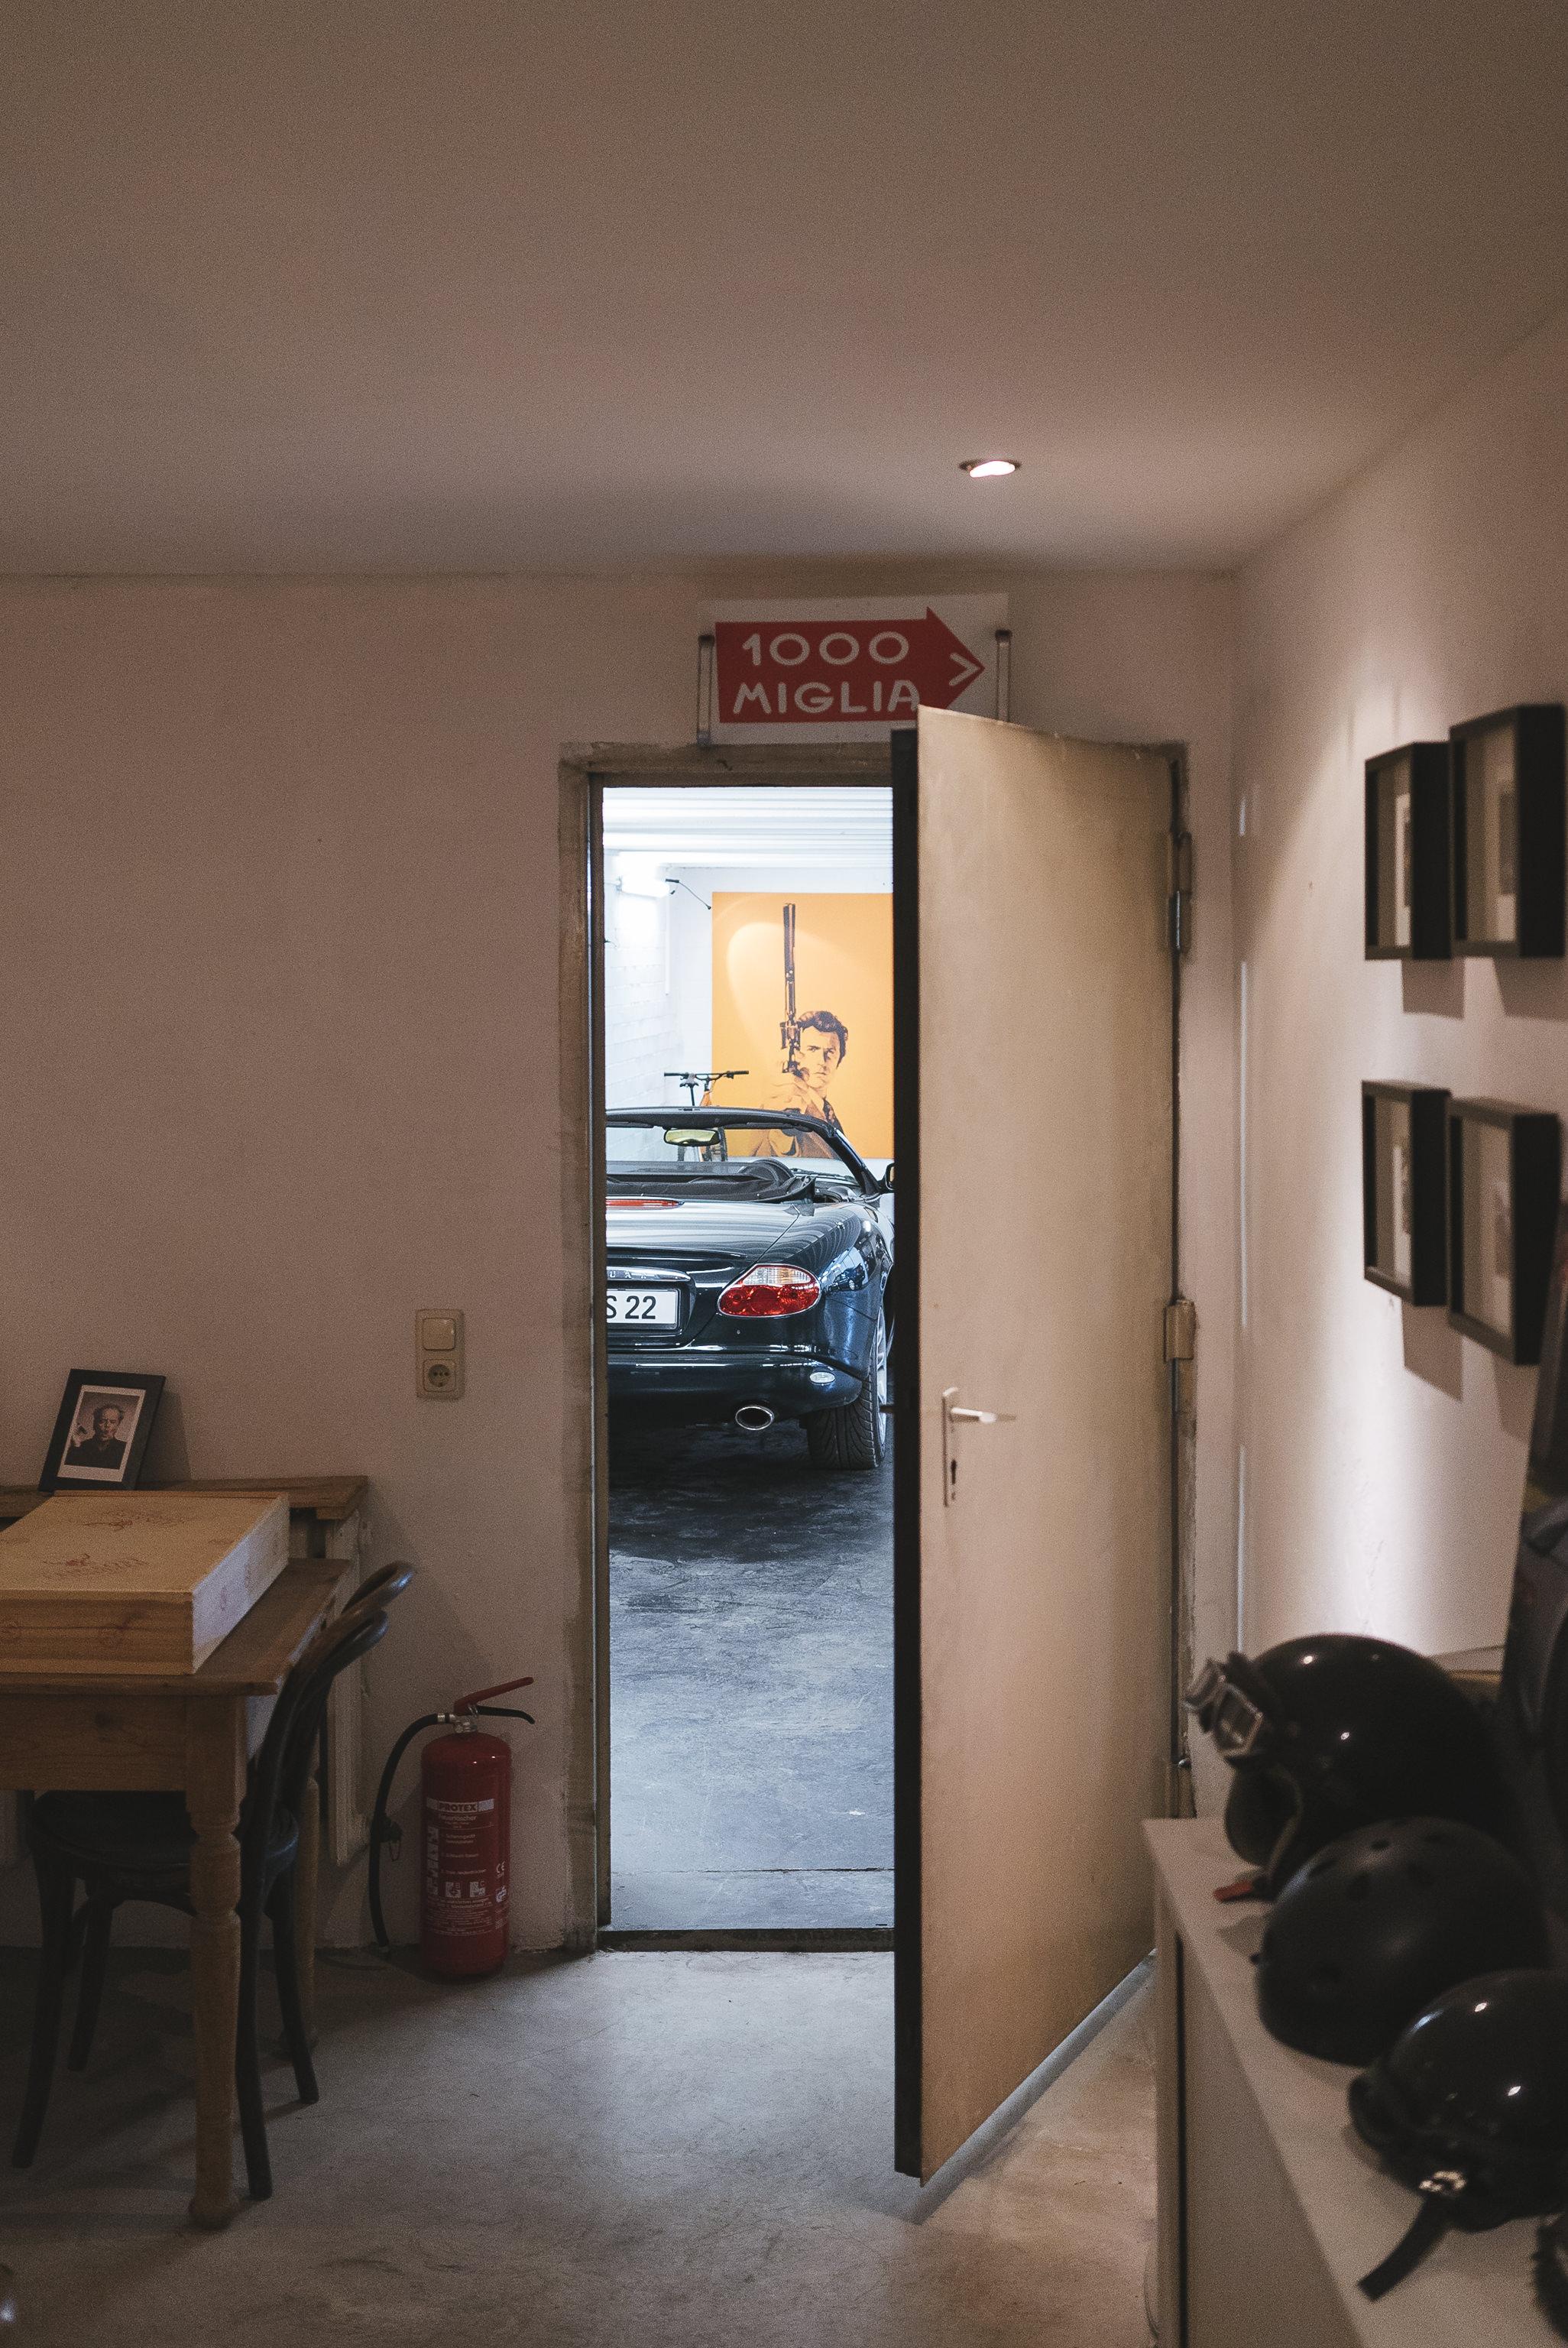 peter-schneider-garage13-essen-pottspott-09.jpg